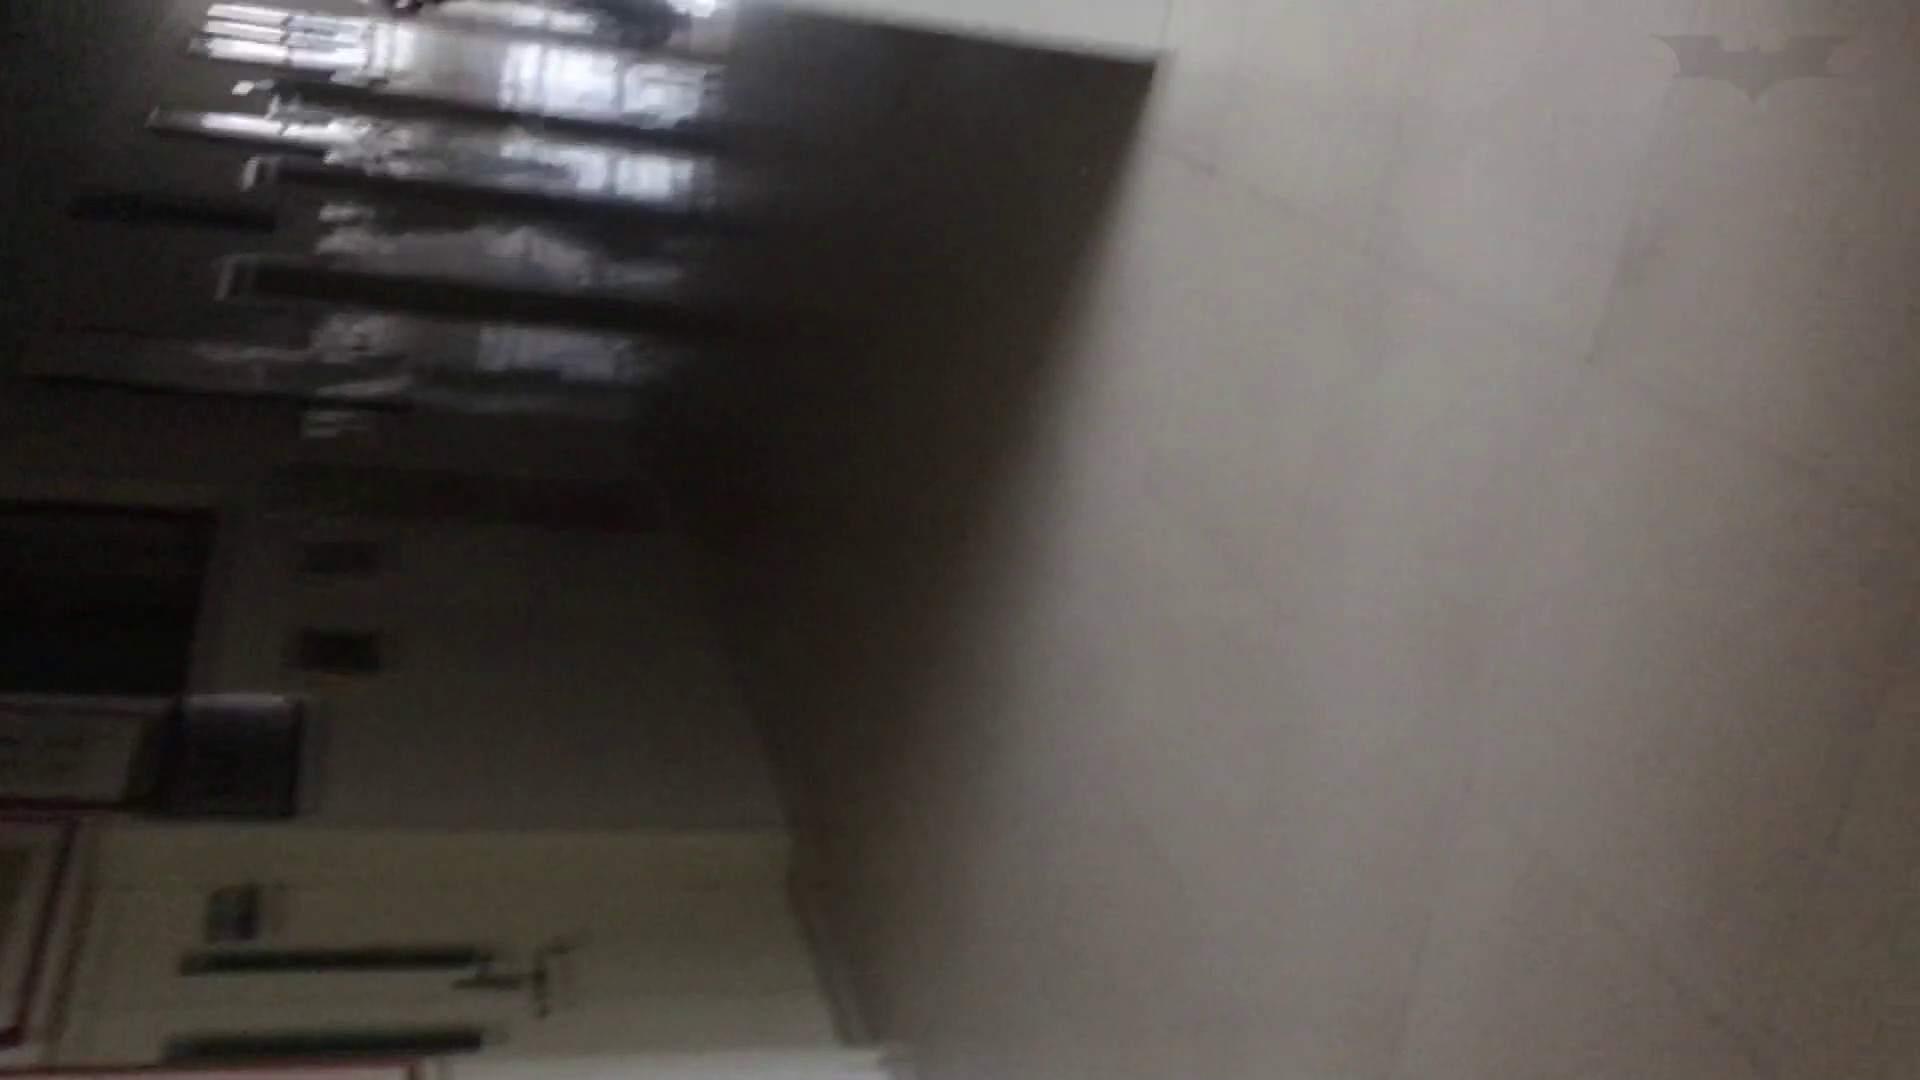 芸術大学ガチ潜入盗撮 JD盗撮 美女の洗面所の秘密 Vol.80 トイレ中 | 洗面所着替え  64連発 48